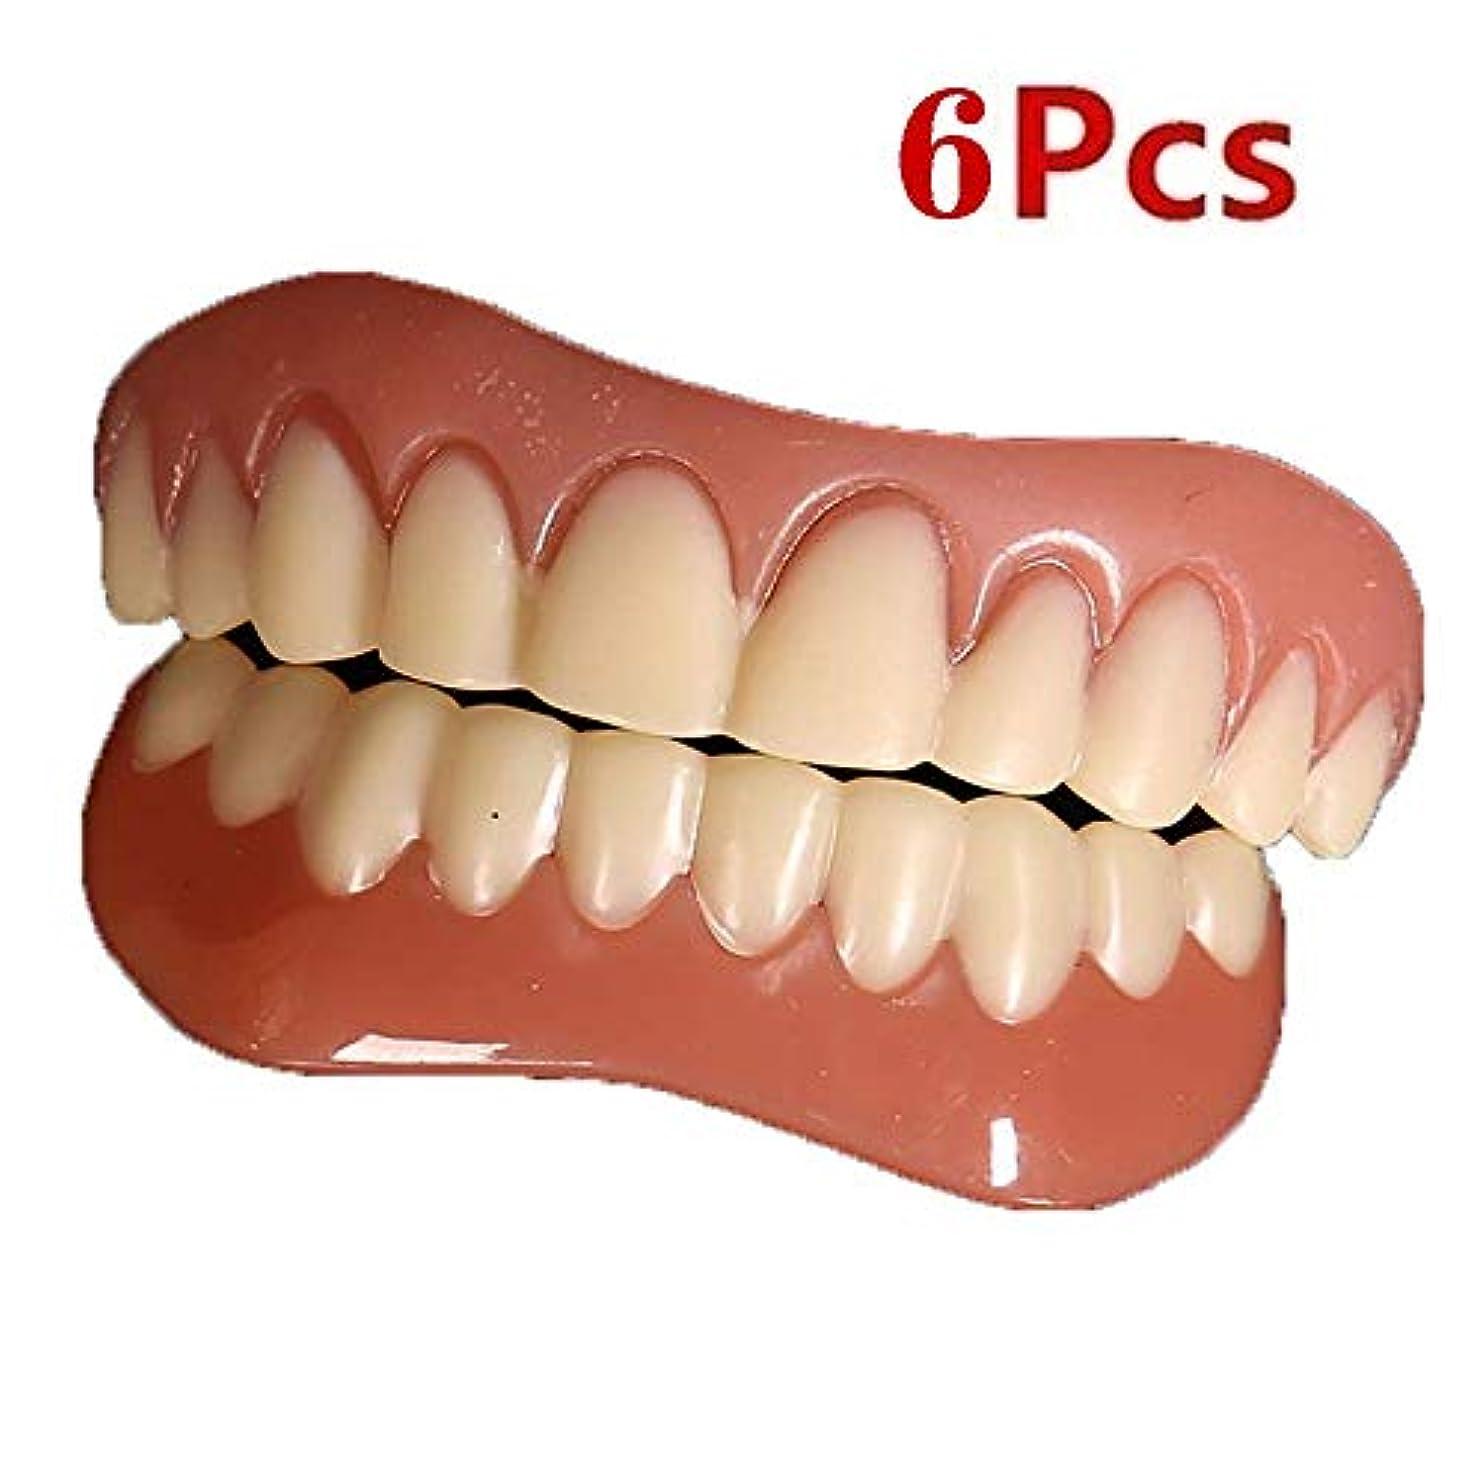 ピット神学校流星6個のインスタントスマイルの歯アッパーロアーベニアの快適さフィットの歯のベニヤ、ワンサイズは数分以内に自宅であなたの笑顔を直す